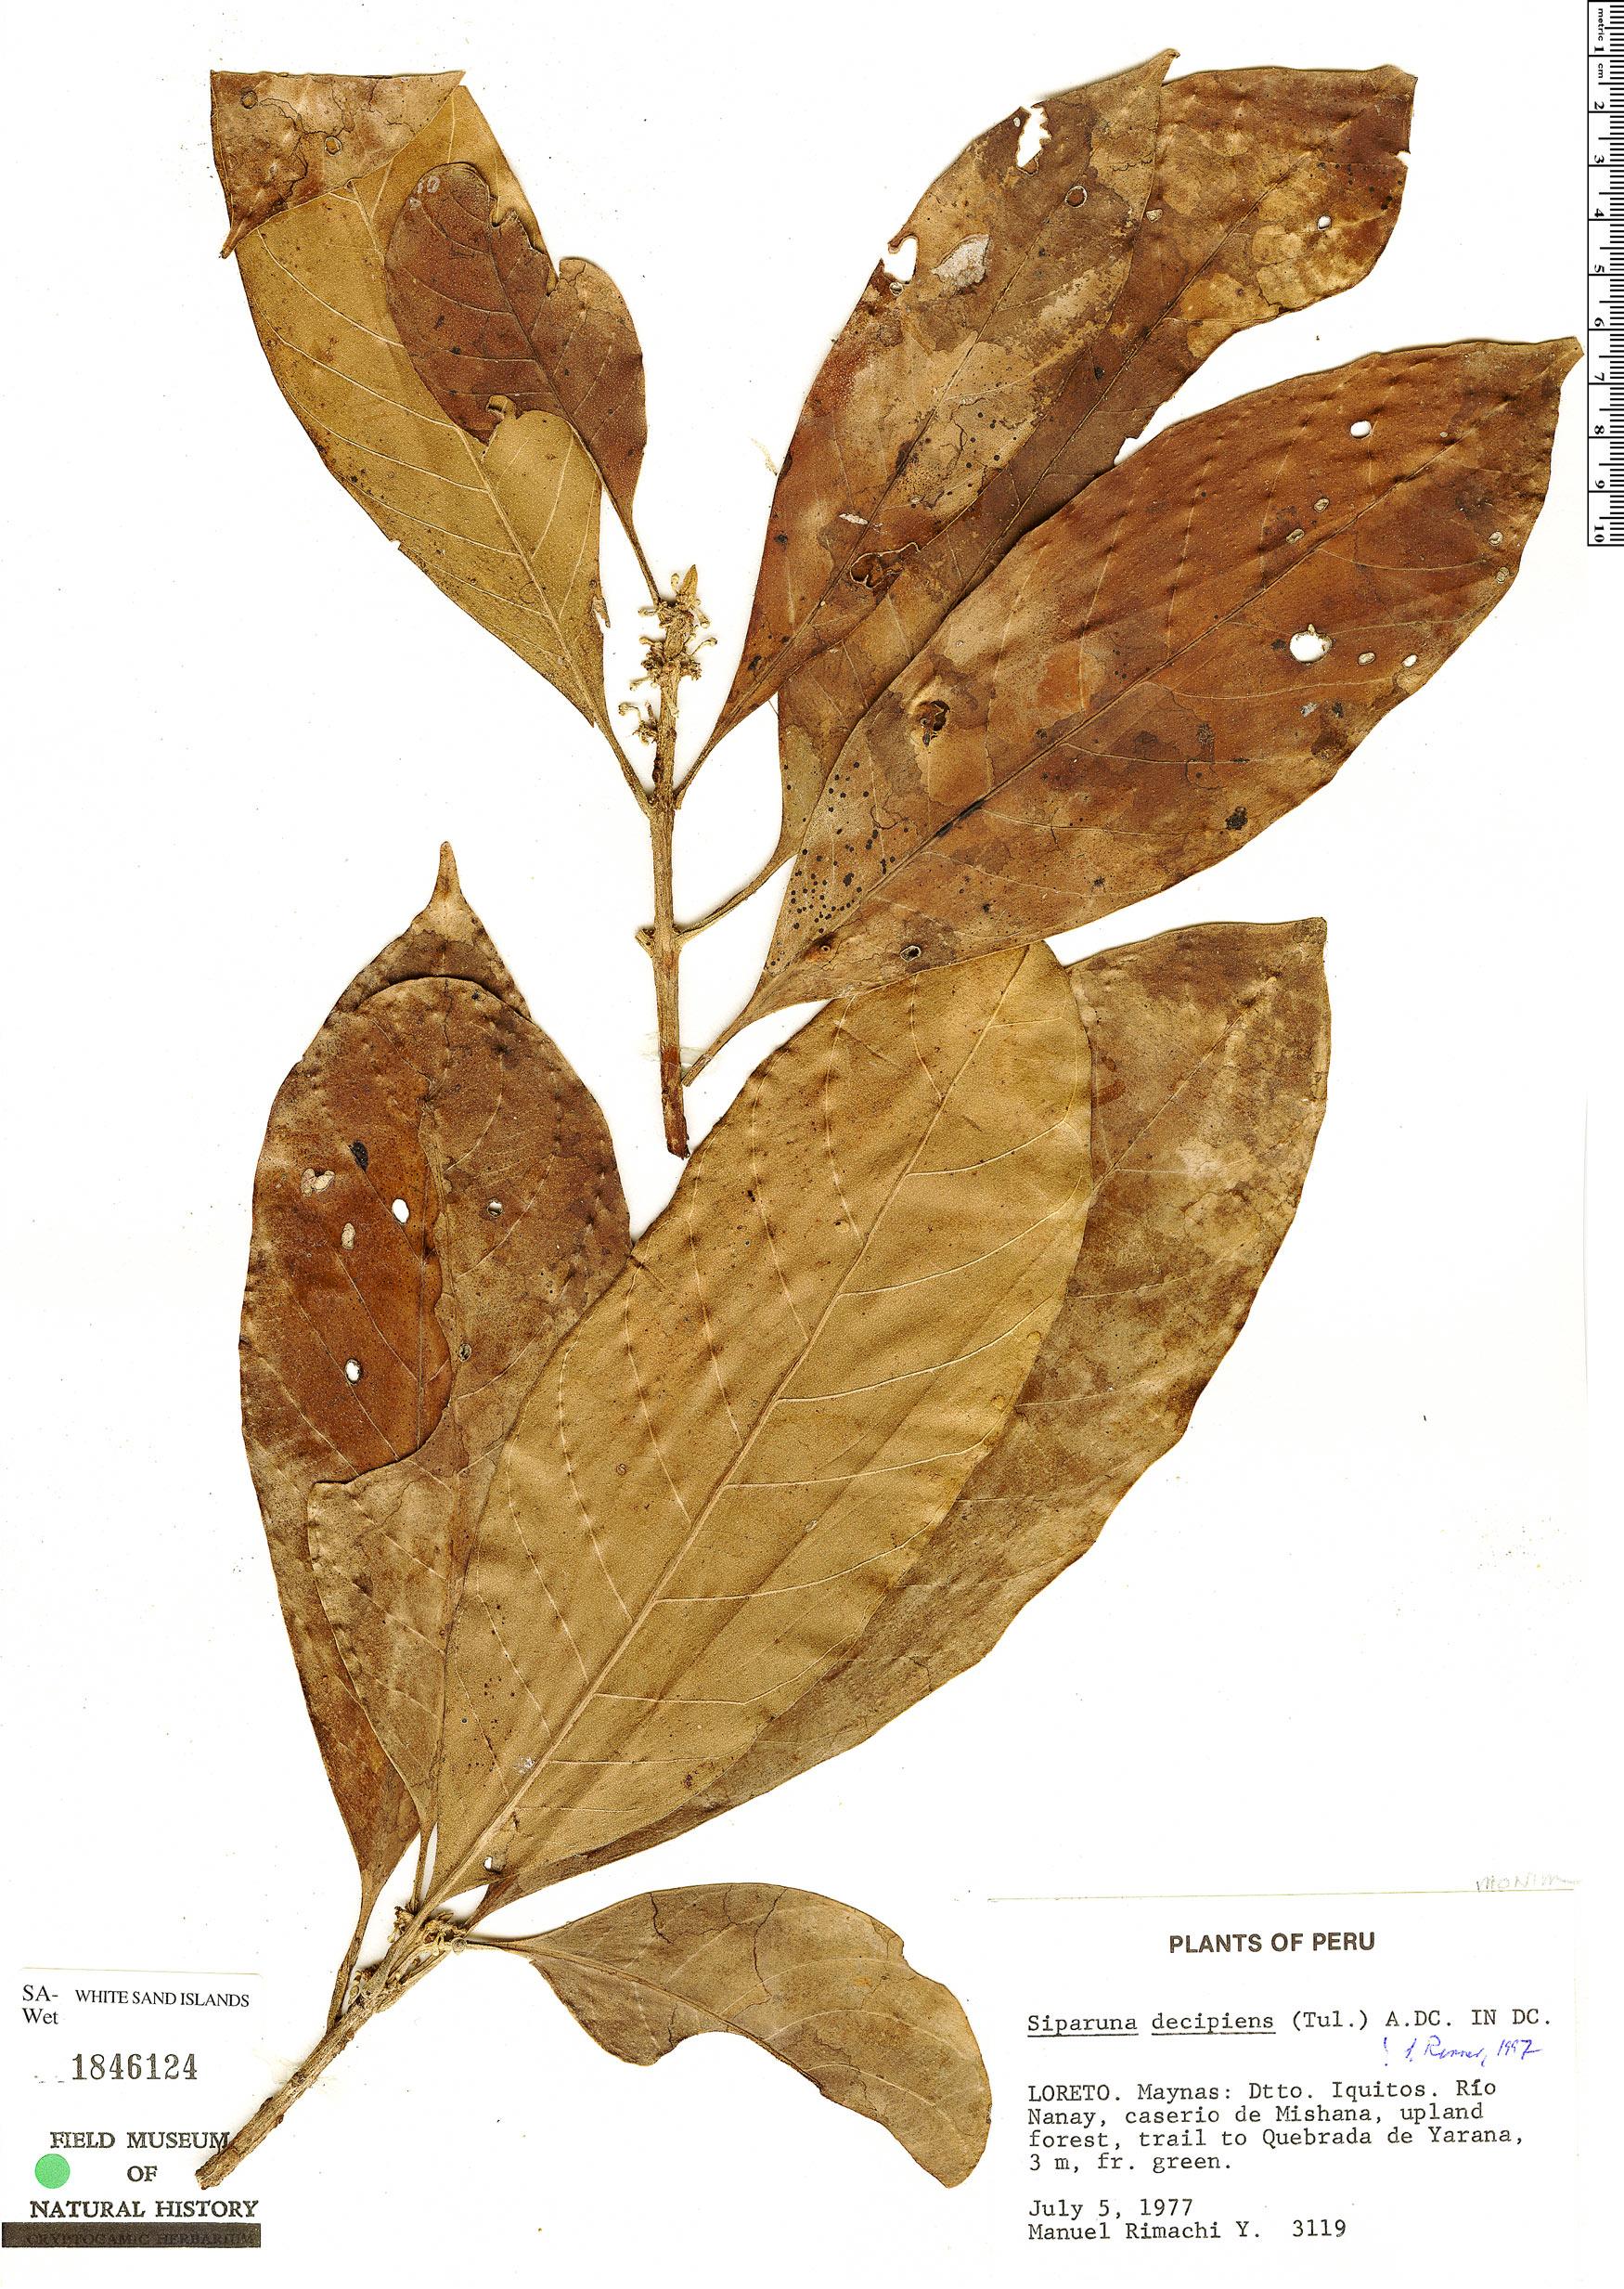 Specimen: Siparuna decipiens